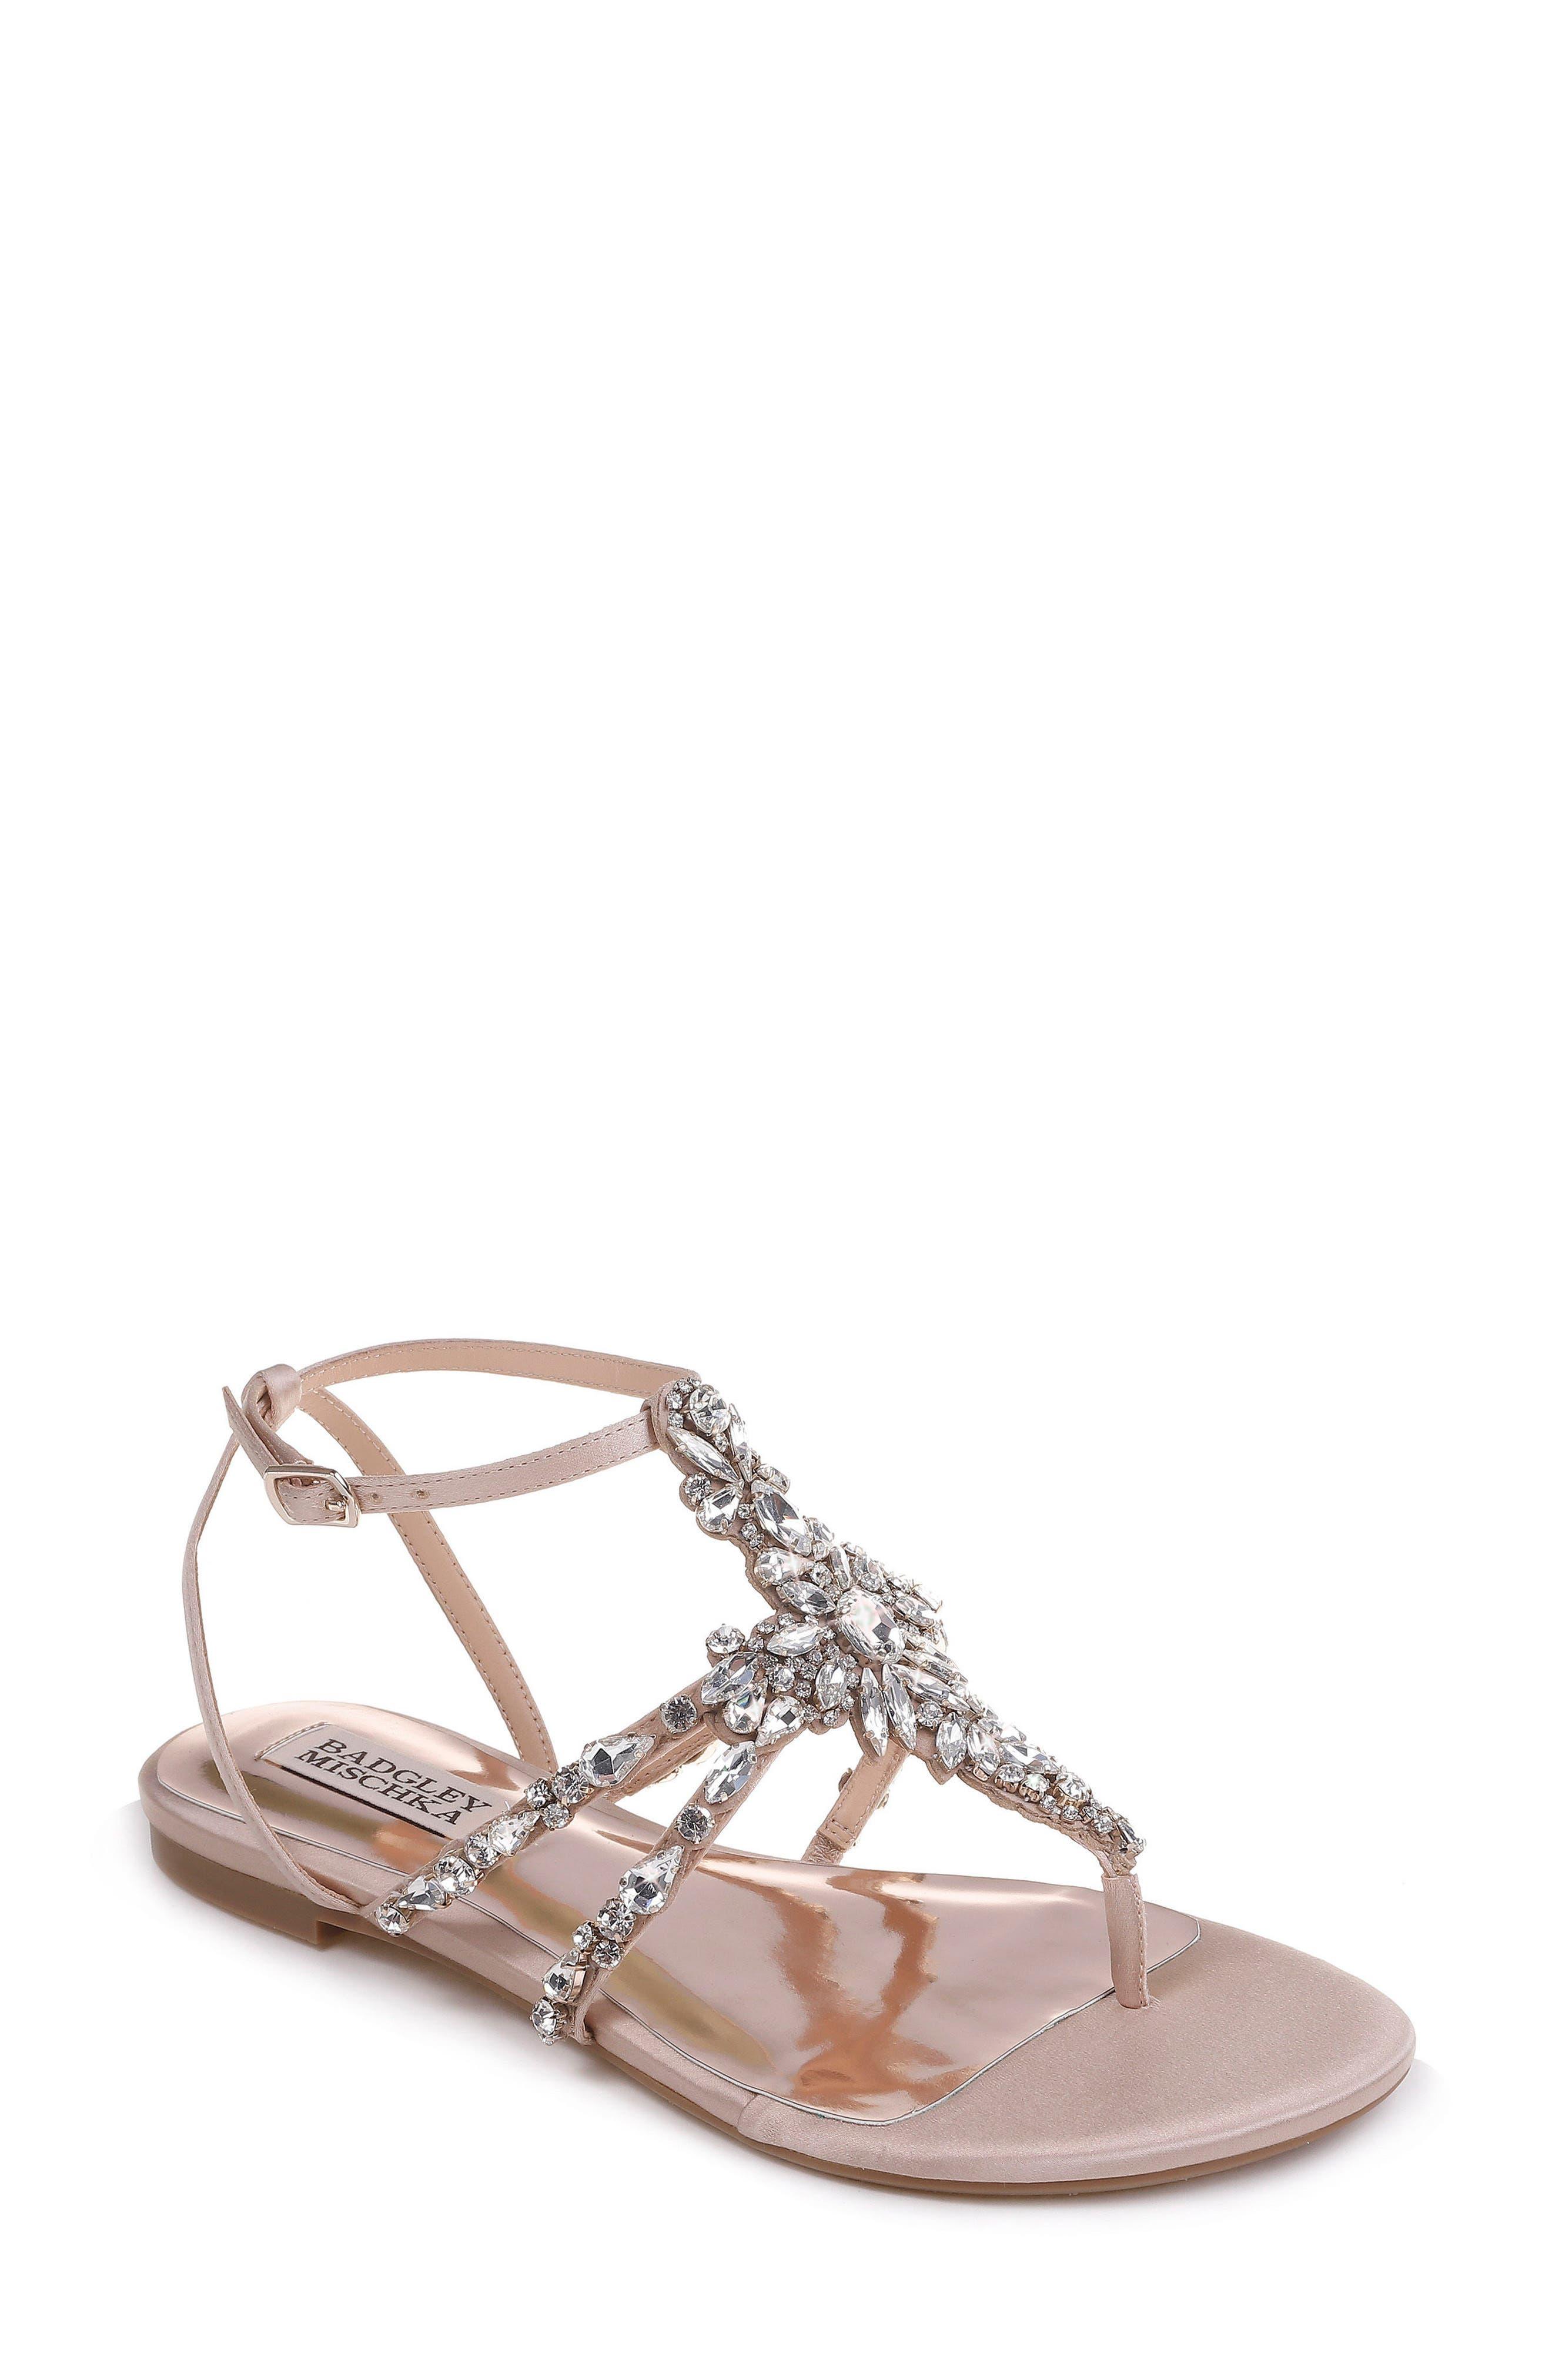 Hampden Crystal Embellished Sandal,                             Main thumbnail 1, color,                             LATTE SATIN